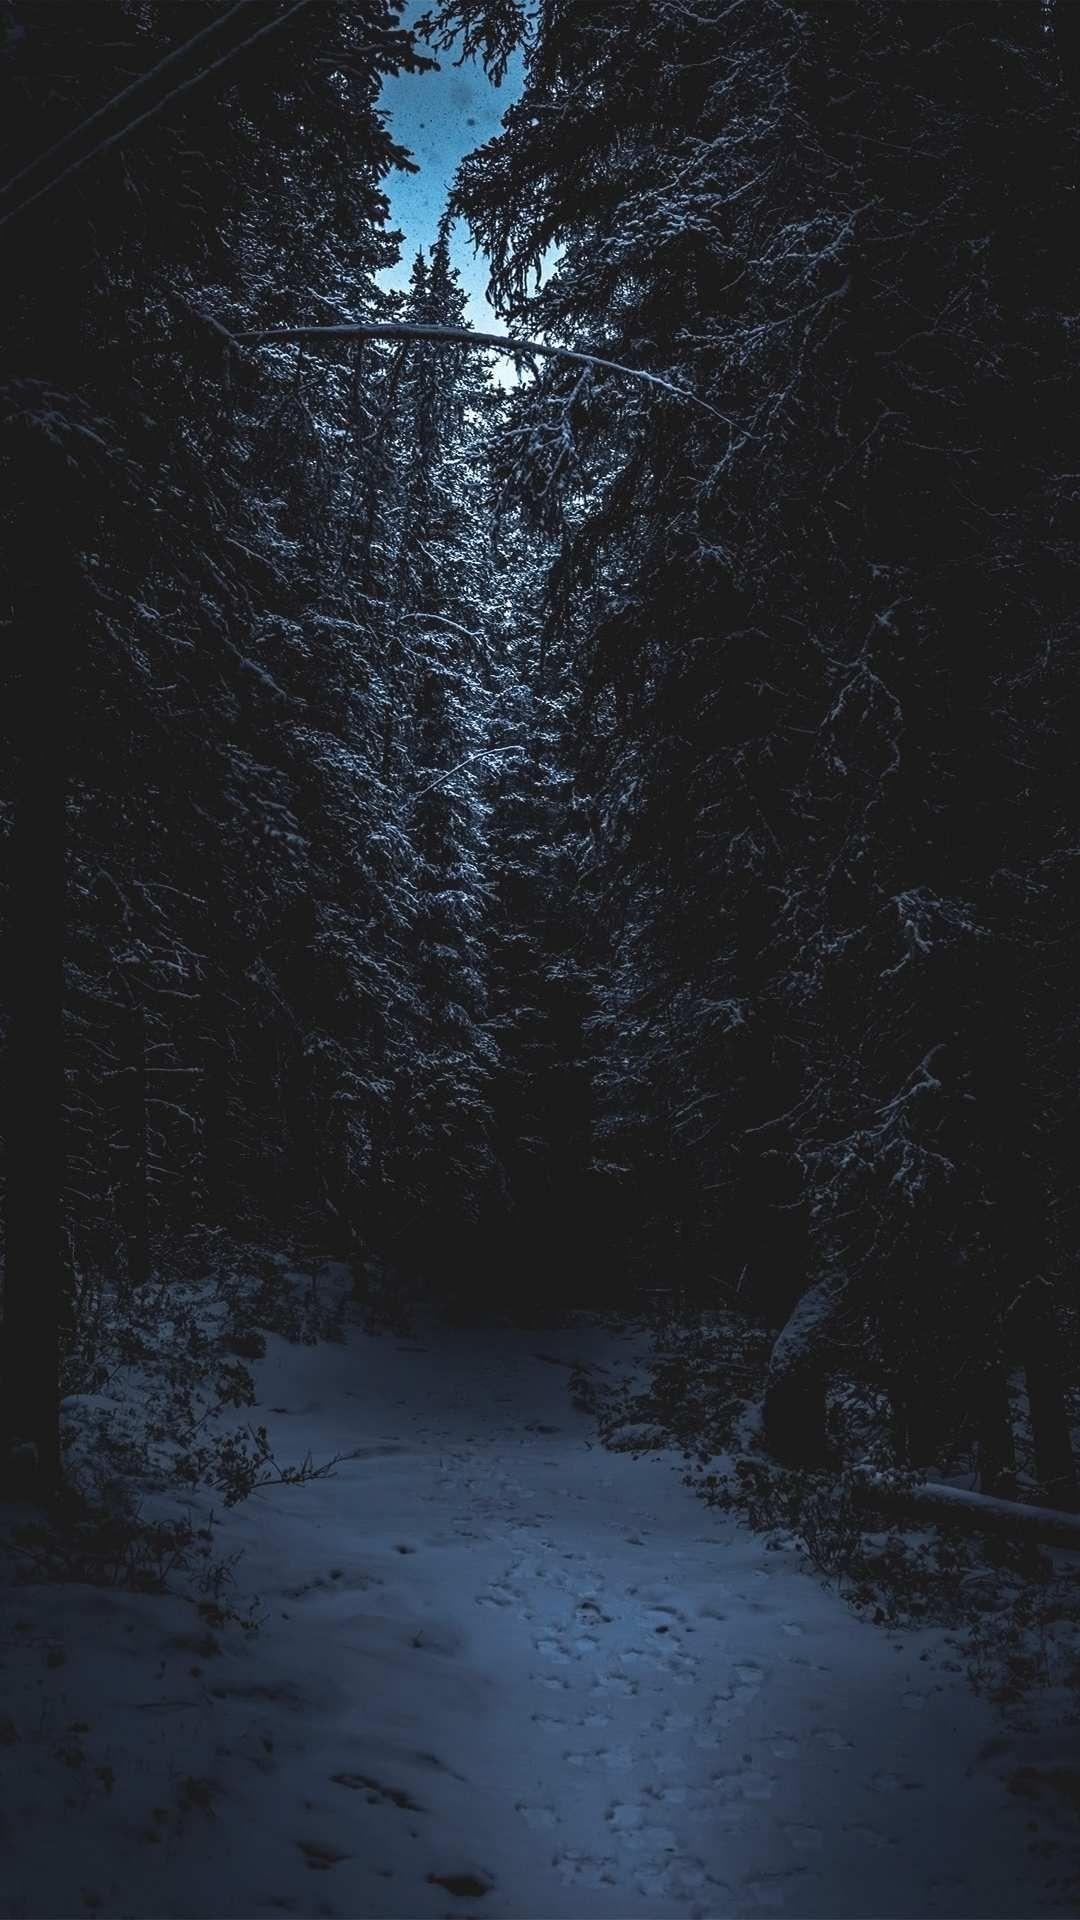 Dark Winter iPhone Wallpapers   Top Free Dark Winter iPhone ...